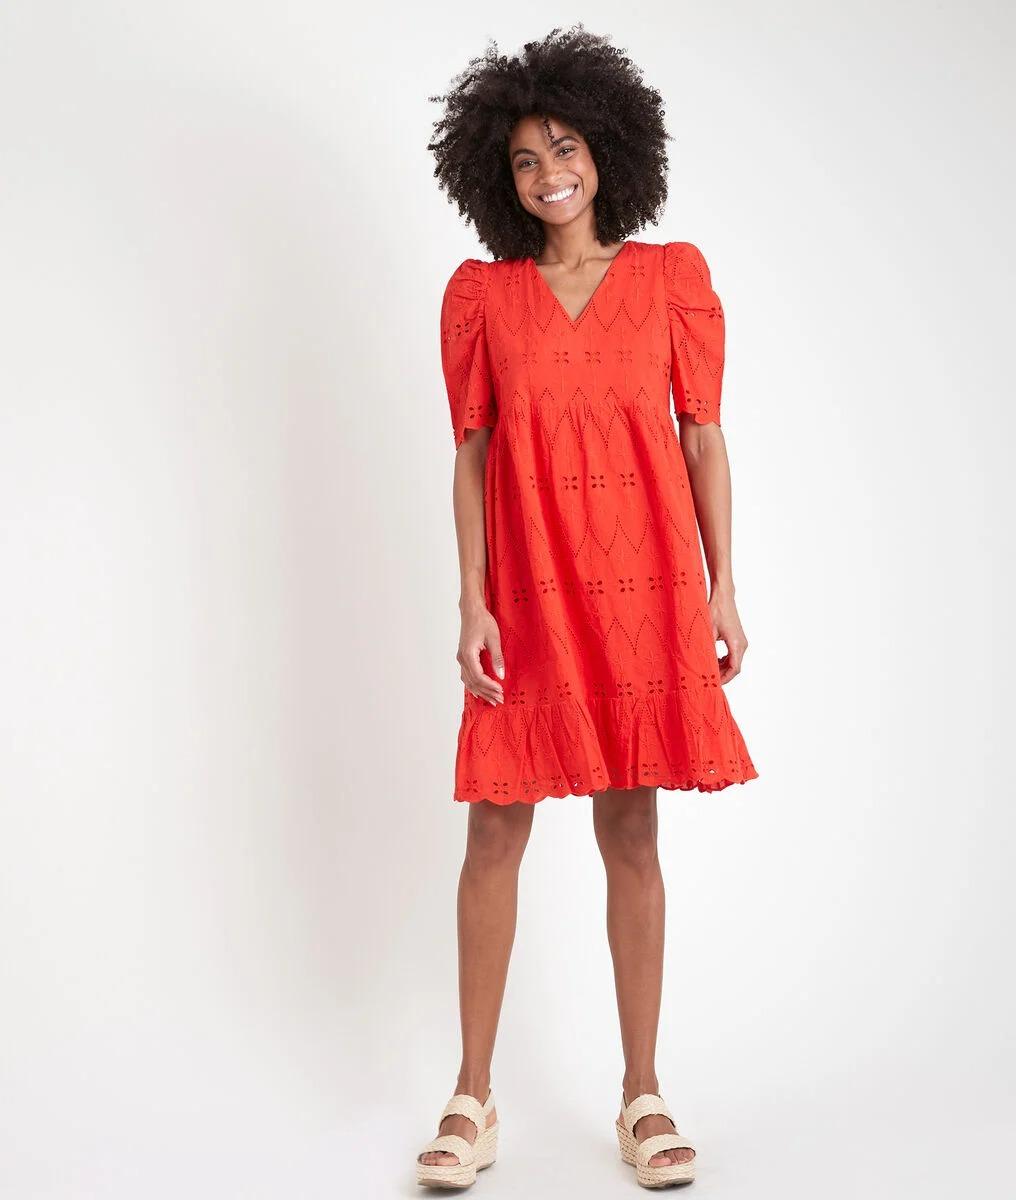 Robe courte en 100% coton biologique à détails de broderies anglaises, Maison 1 2 3, 129€.